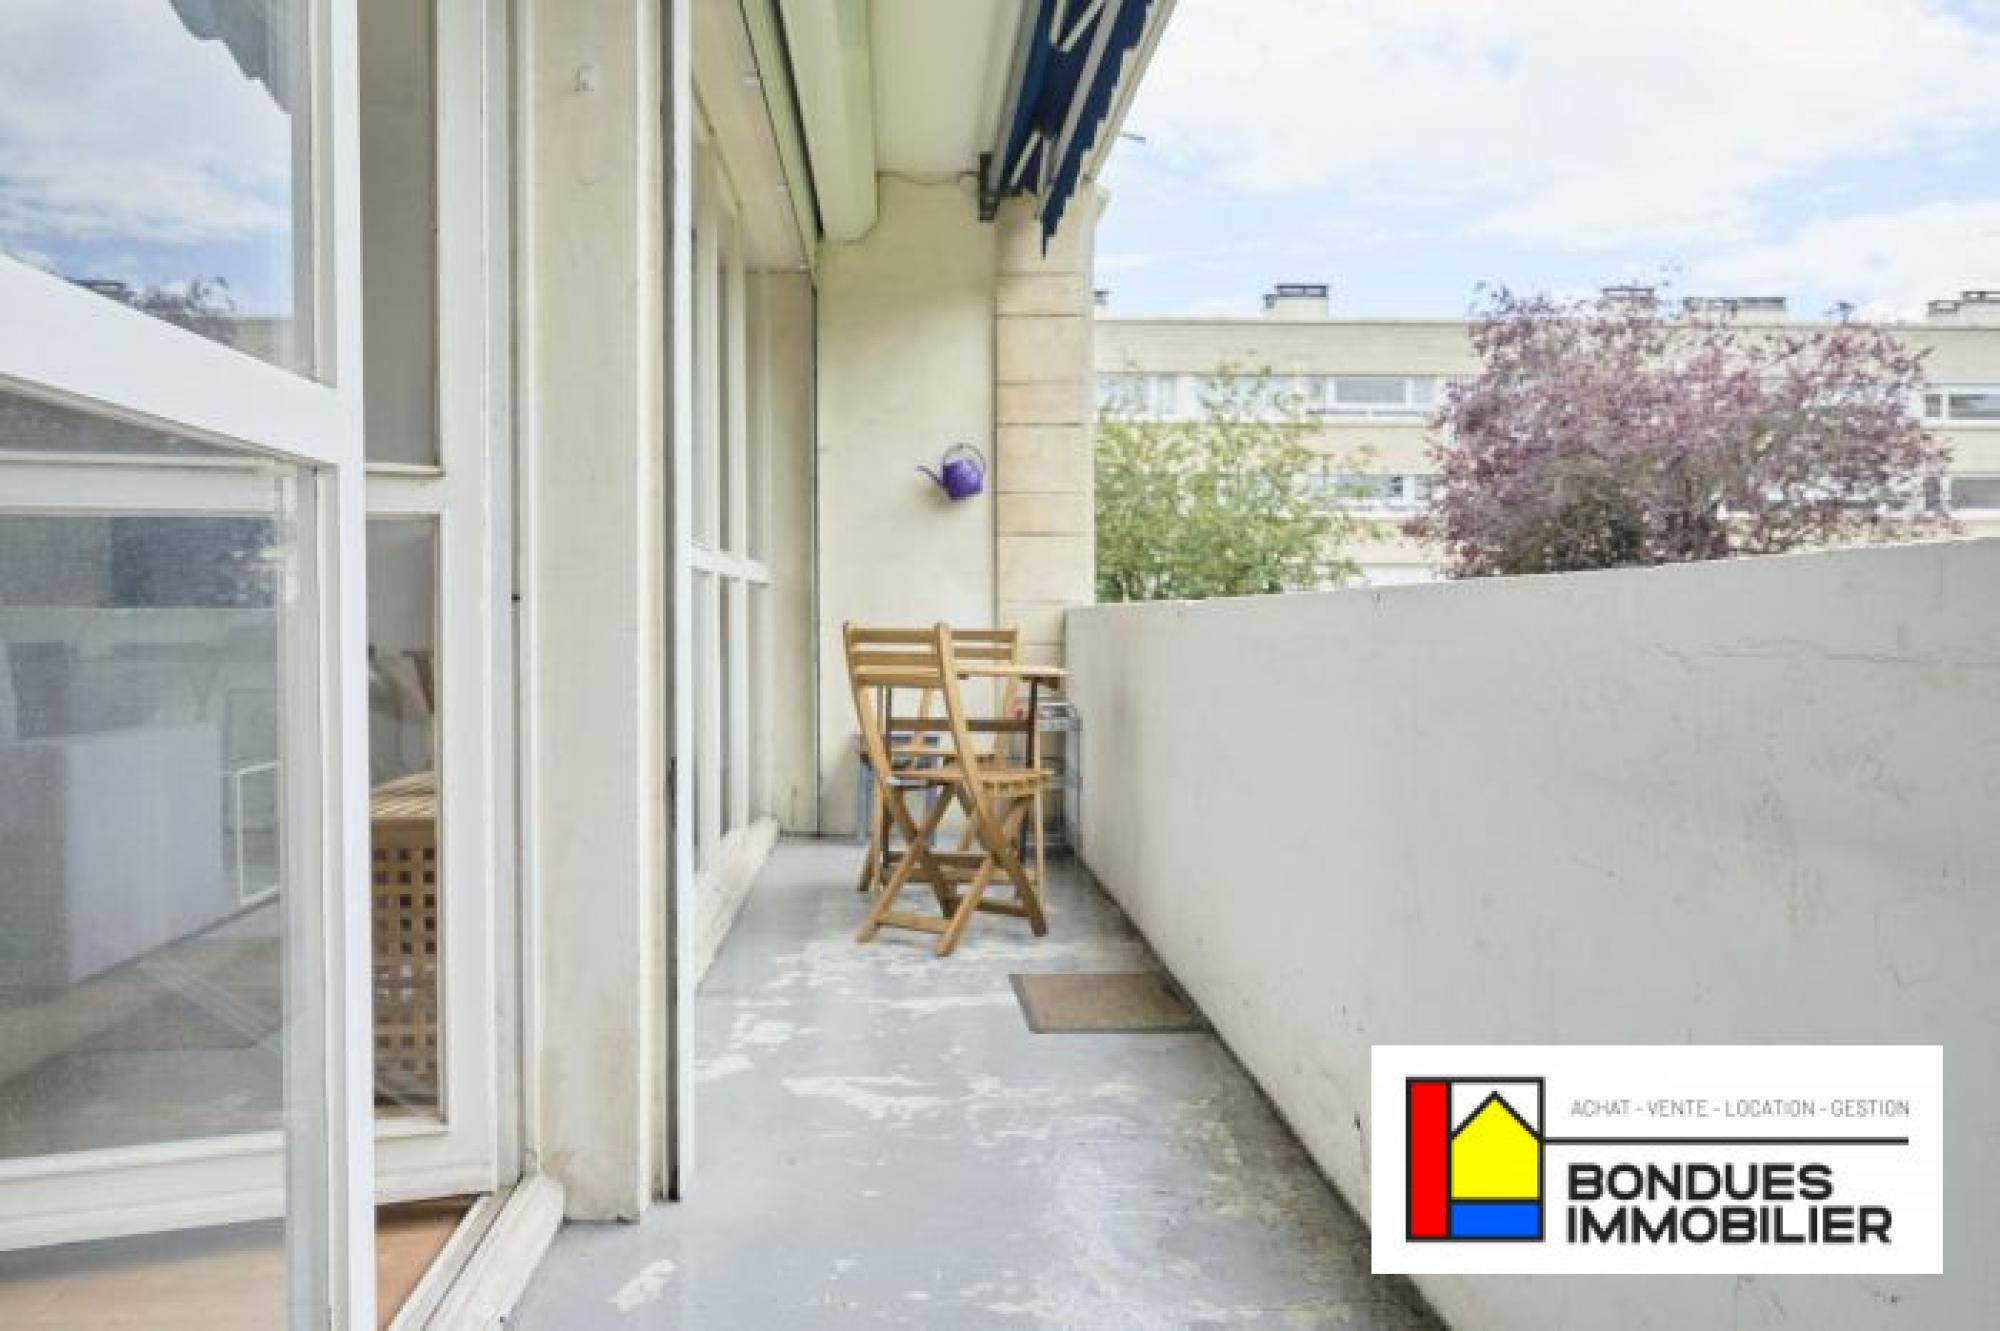 vente appartement marcq en barœul refVA2138 (8)